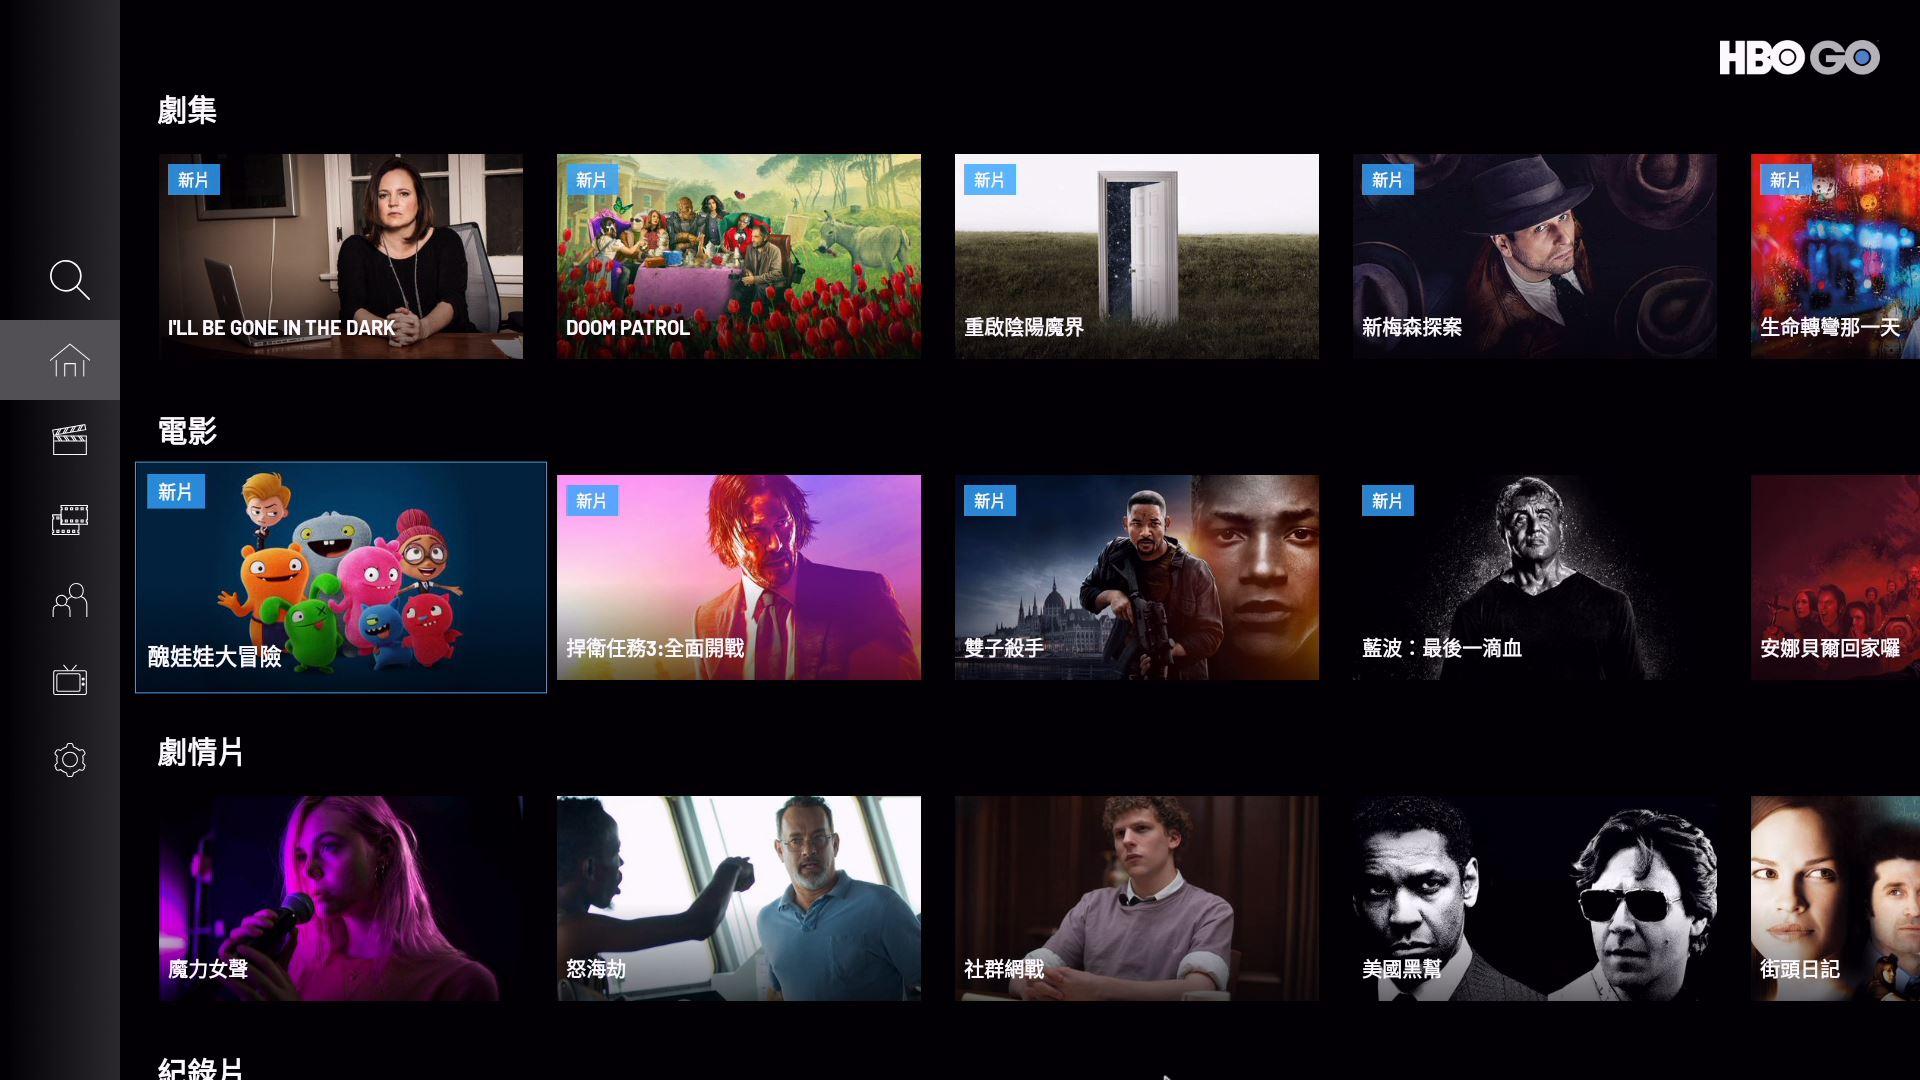 雷爵RockTek G1 4K HDR電視盒-無痛升級Google授權Android TV系統,語音助理免動手 - 79